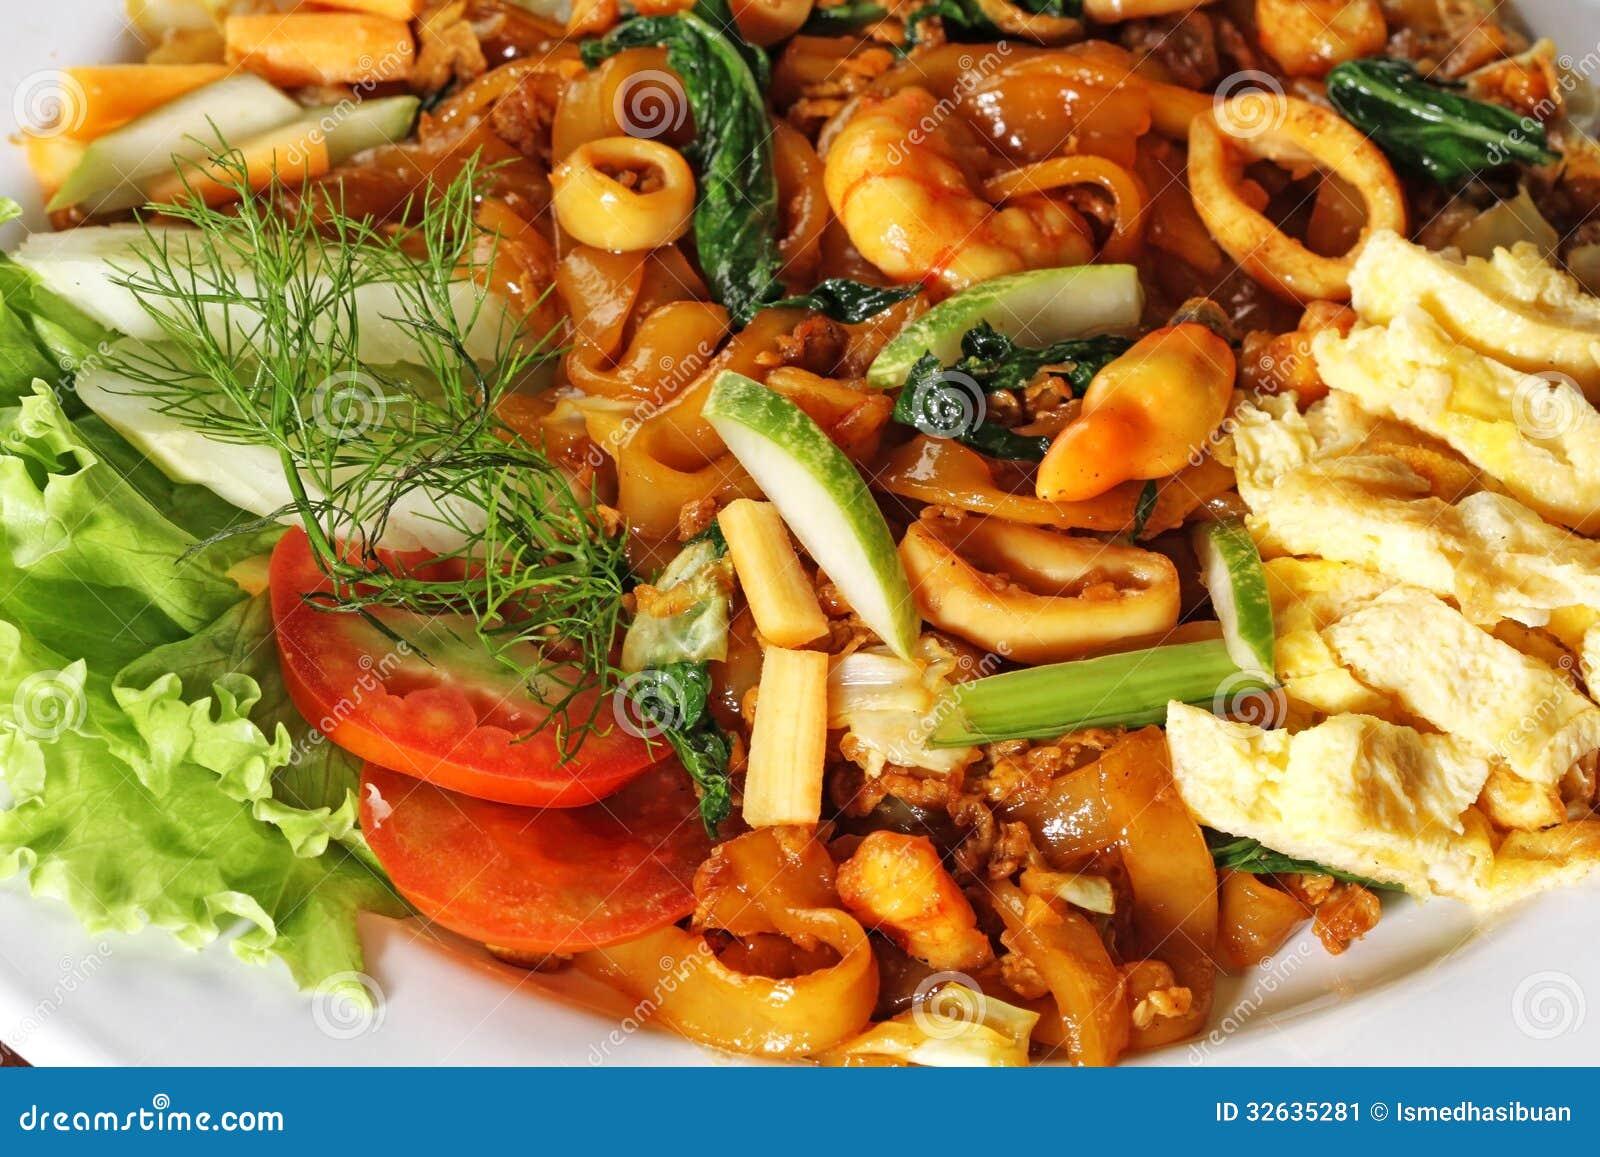 indonesische küche stockbild - bild: 32635281